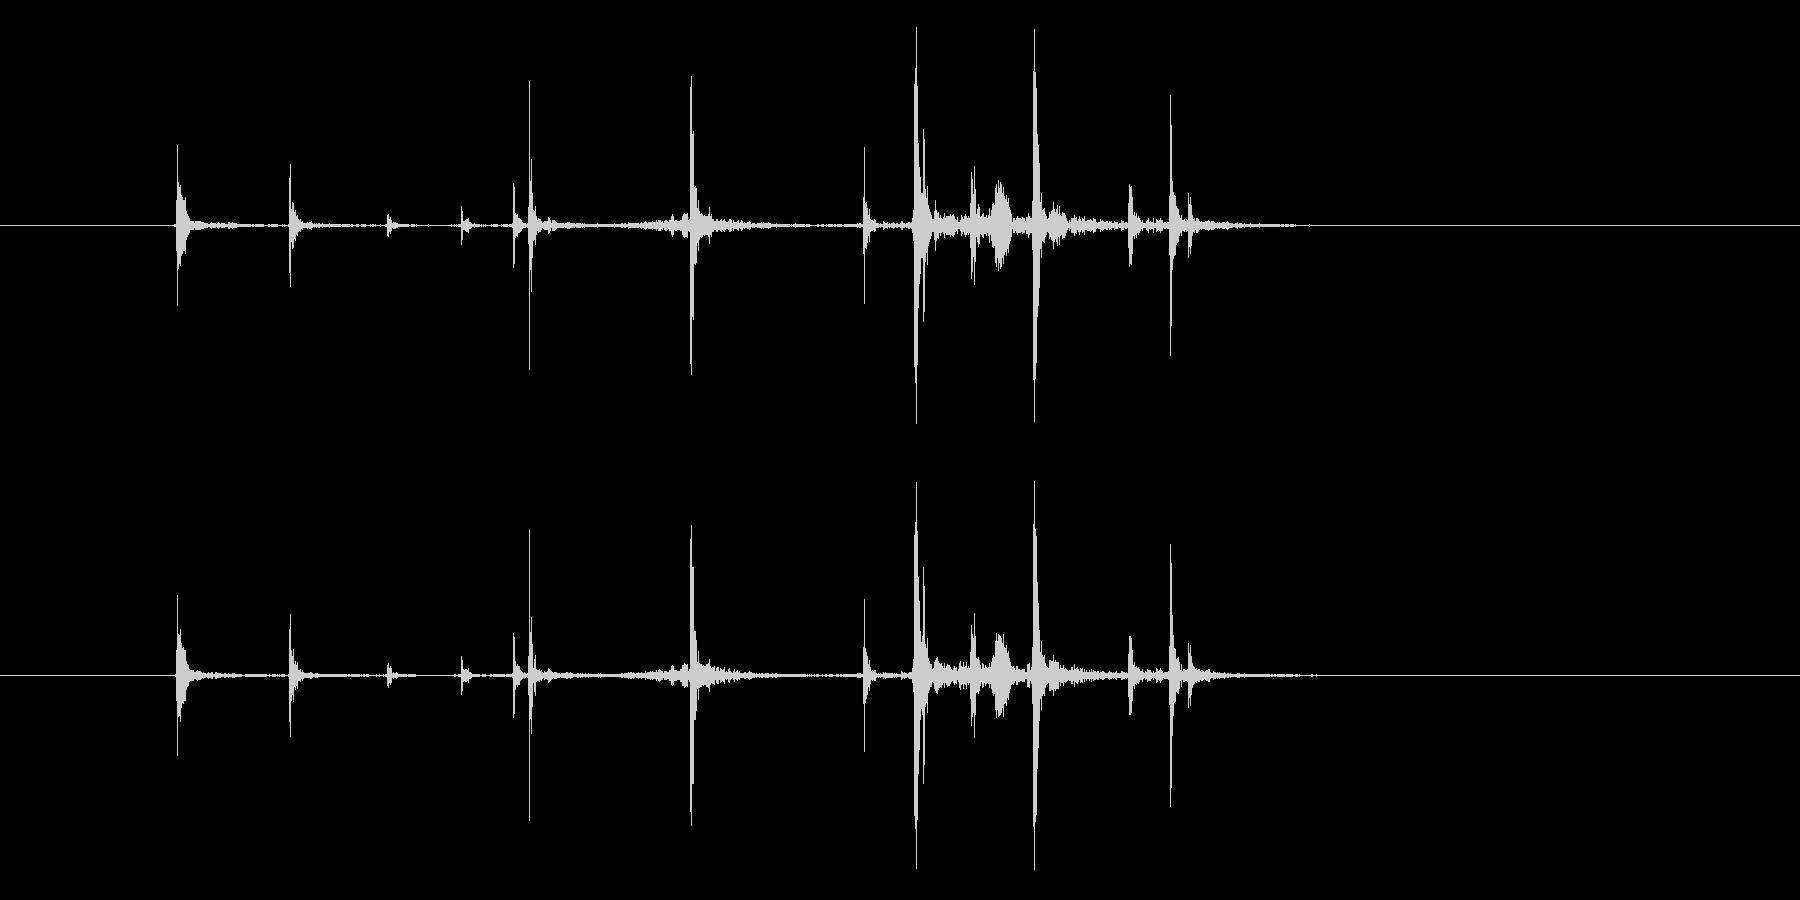 ハンドガン:グロック17:弾丸をマ...の未再生の波形